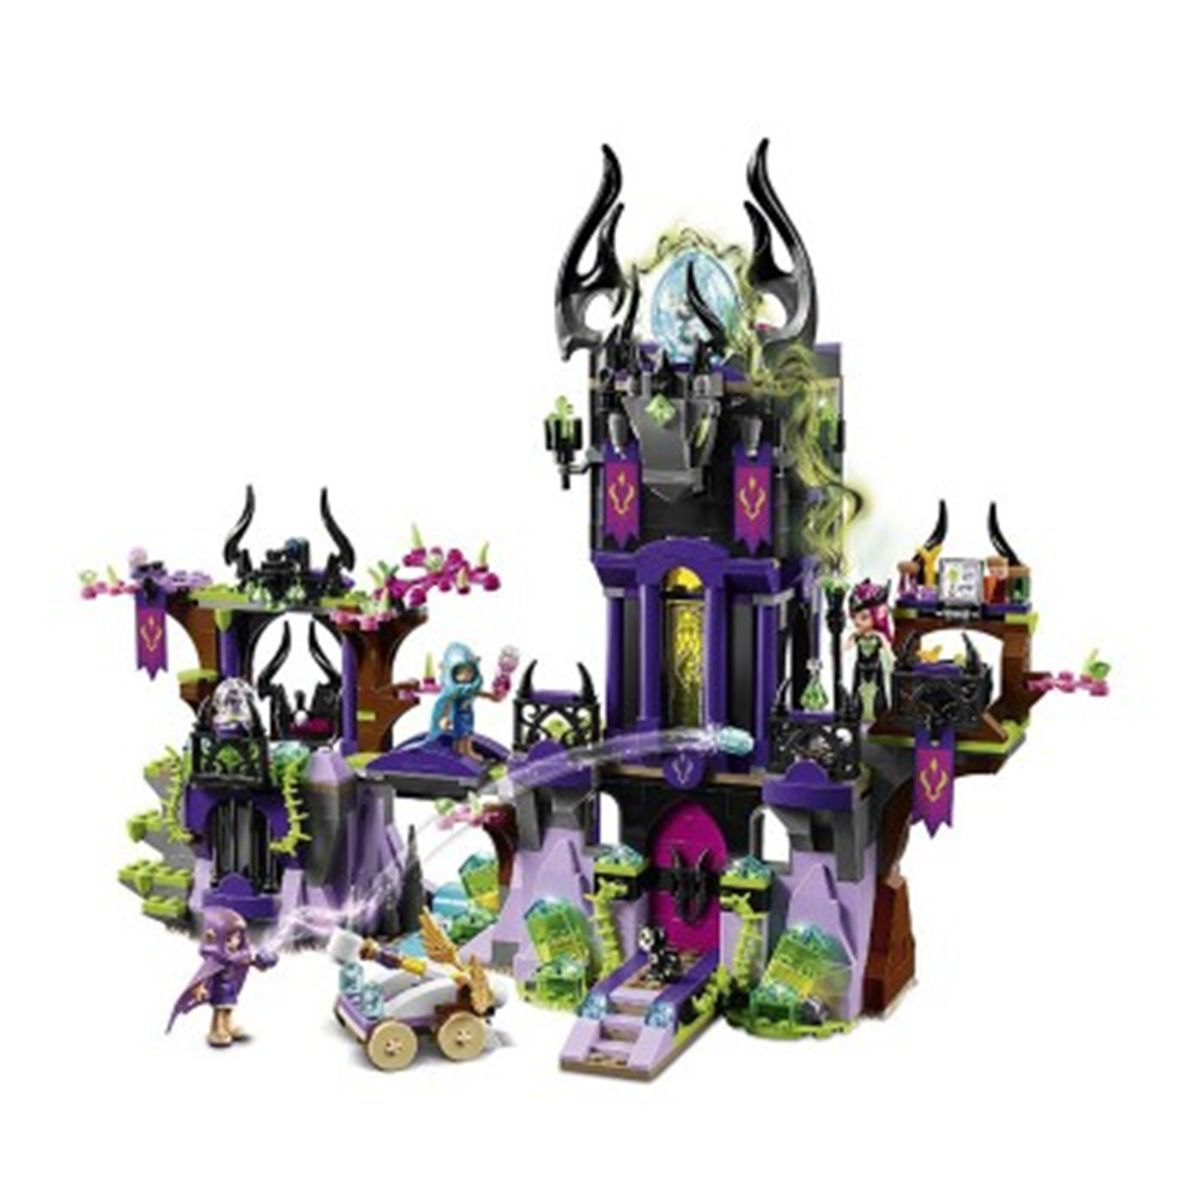 Jeux Elves Ombres 41180Le Ragana Château Lego Des De 8O0wPkn